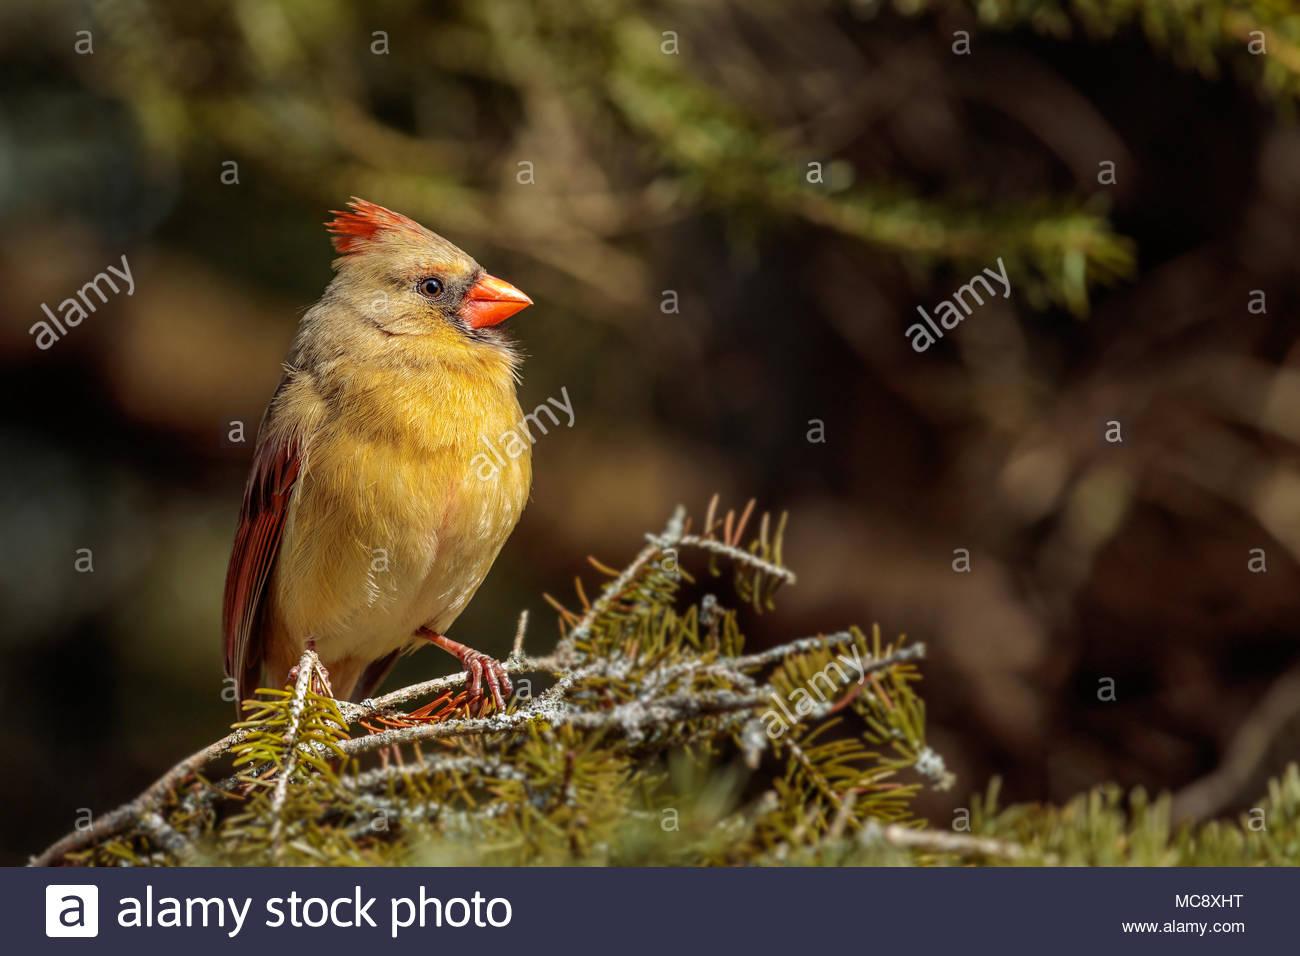 northern-cardinal-cardinalis-cardinalis-